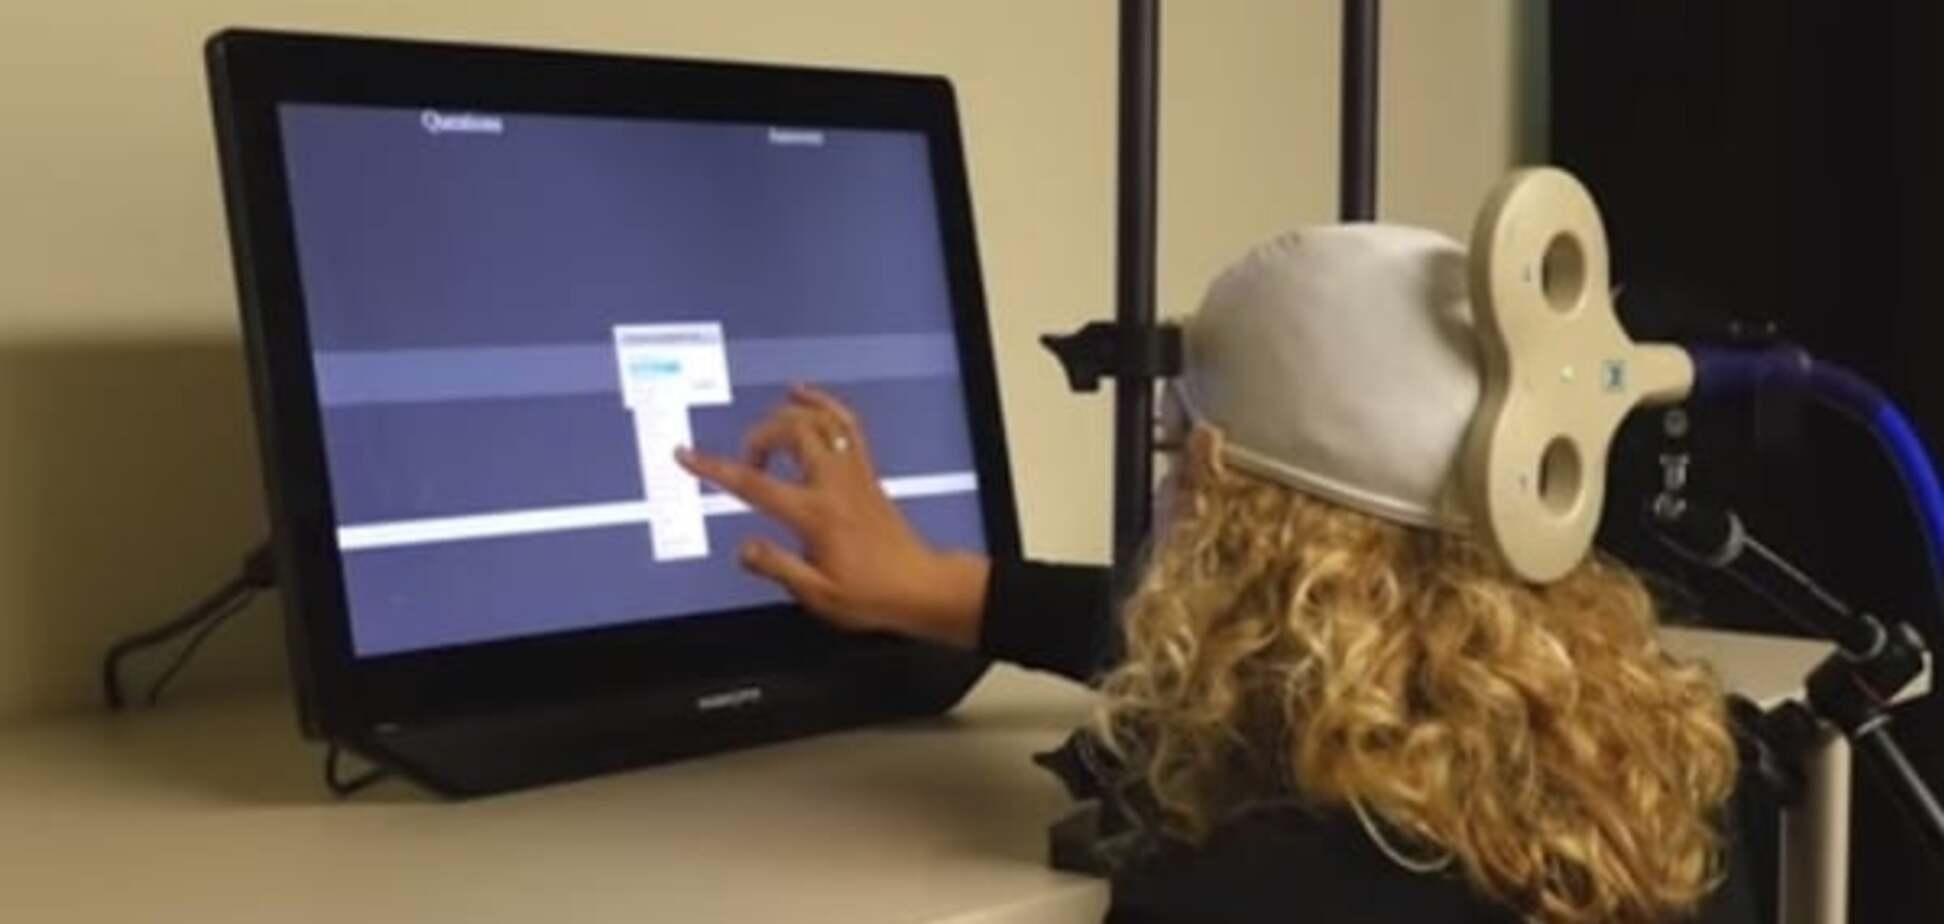 Наука на грани: ученые научили людей читать мысли друг друга. Видеофакт